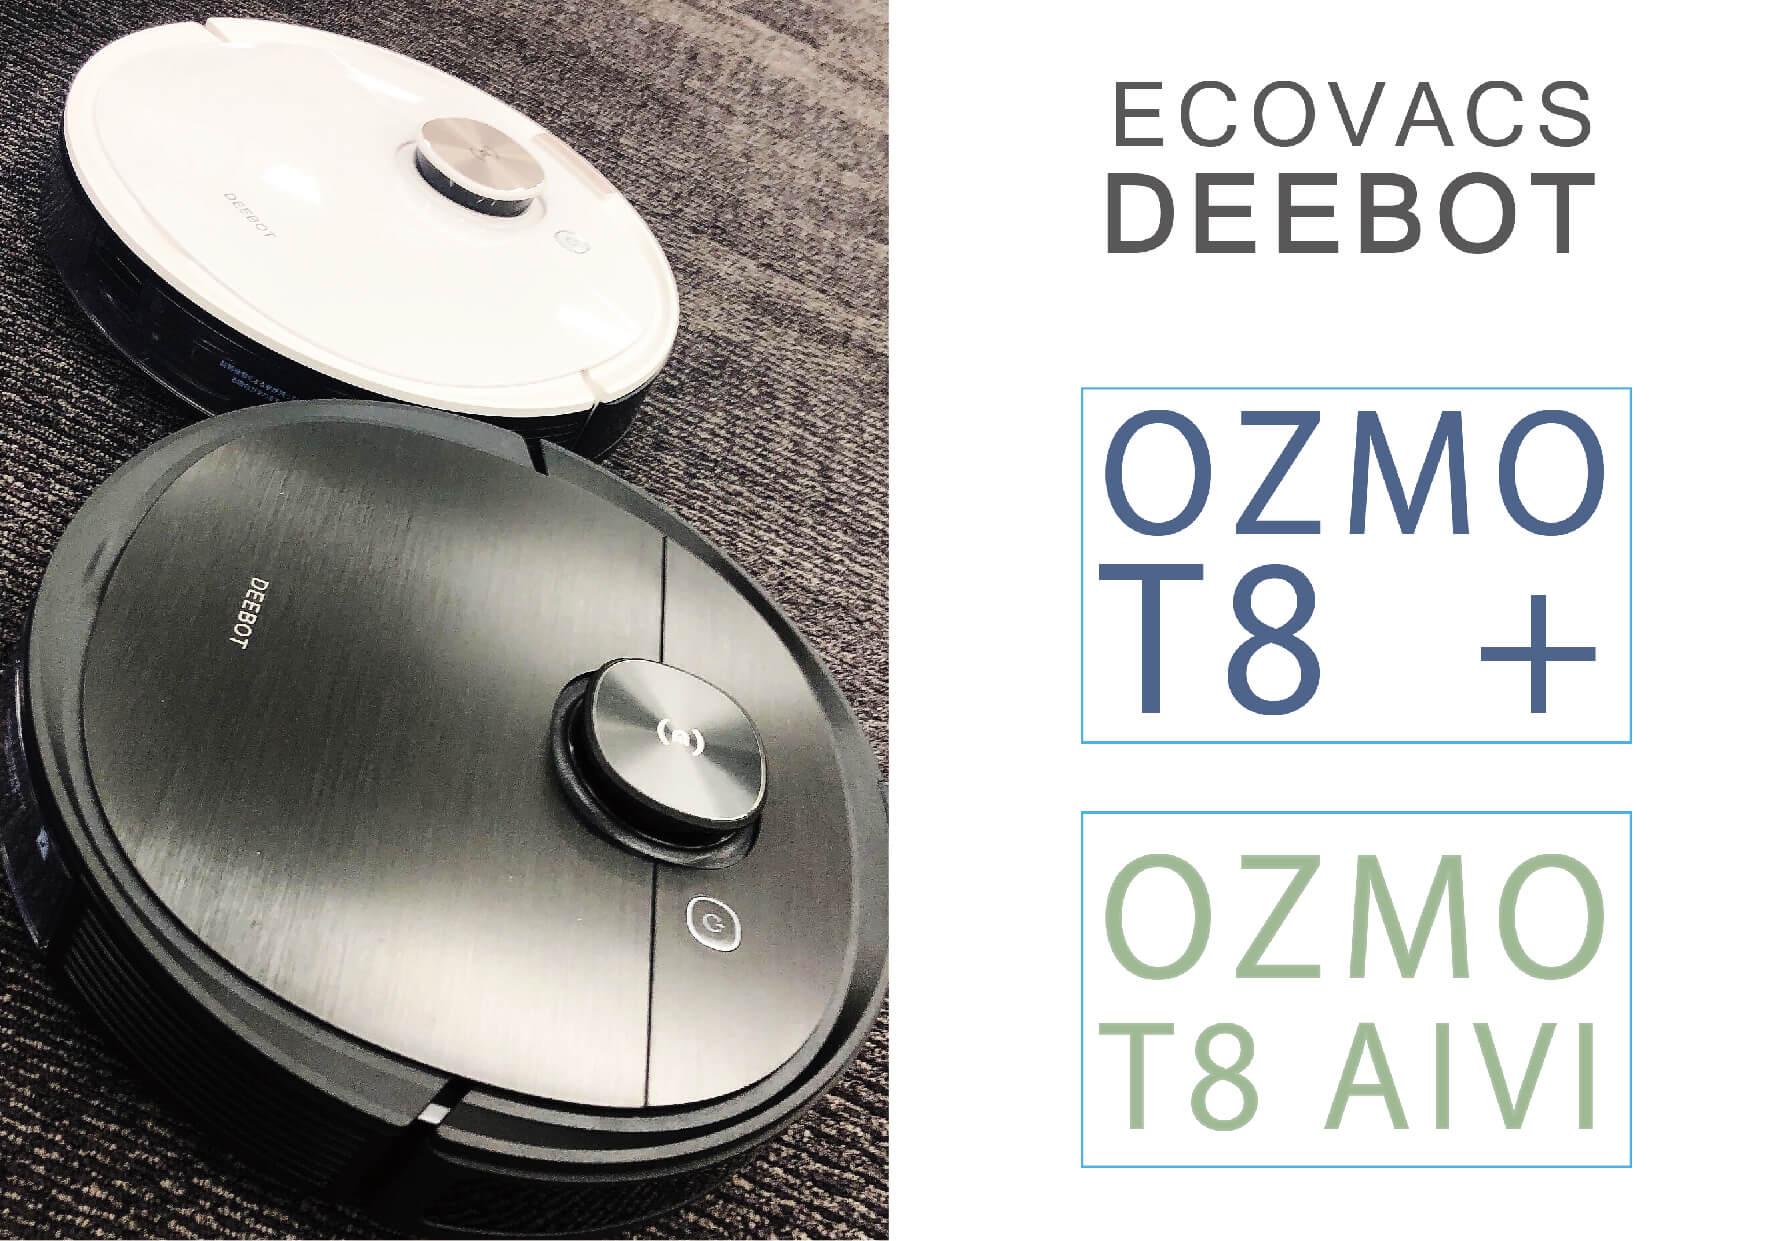 エコバックス DEEBOT OZMO「T8 AIVI」と「T8+」の違いを比較!新型ロボット掃除機2機種を徹底解説